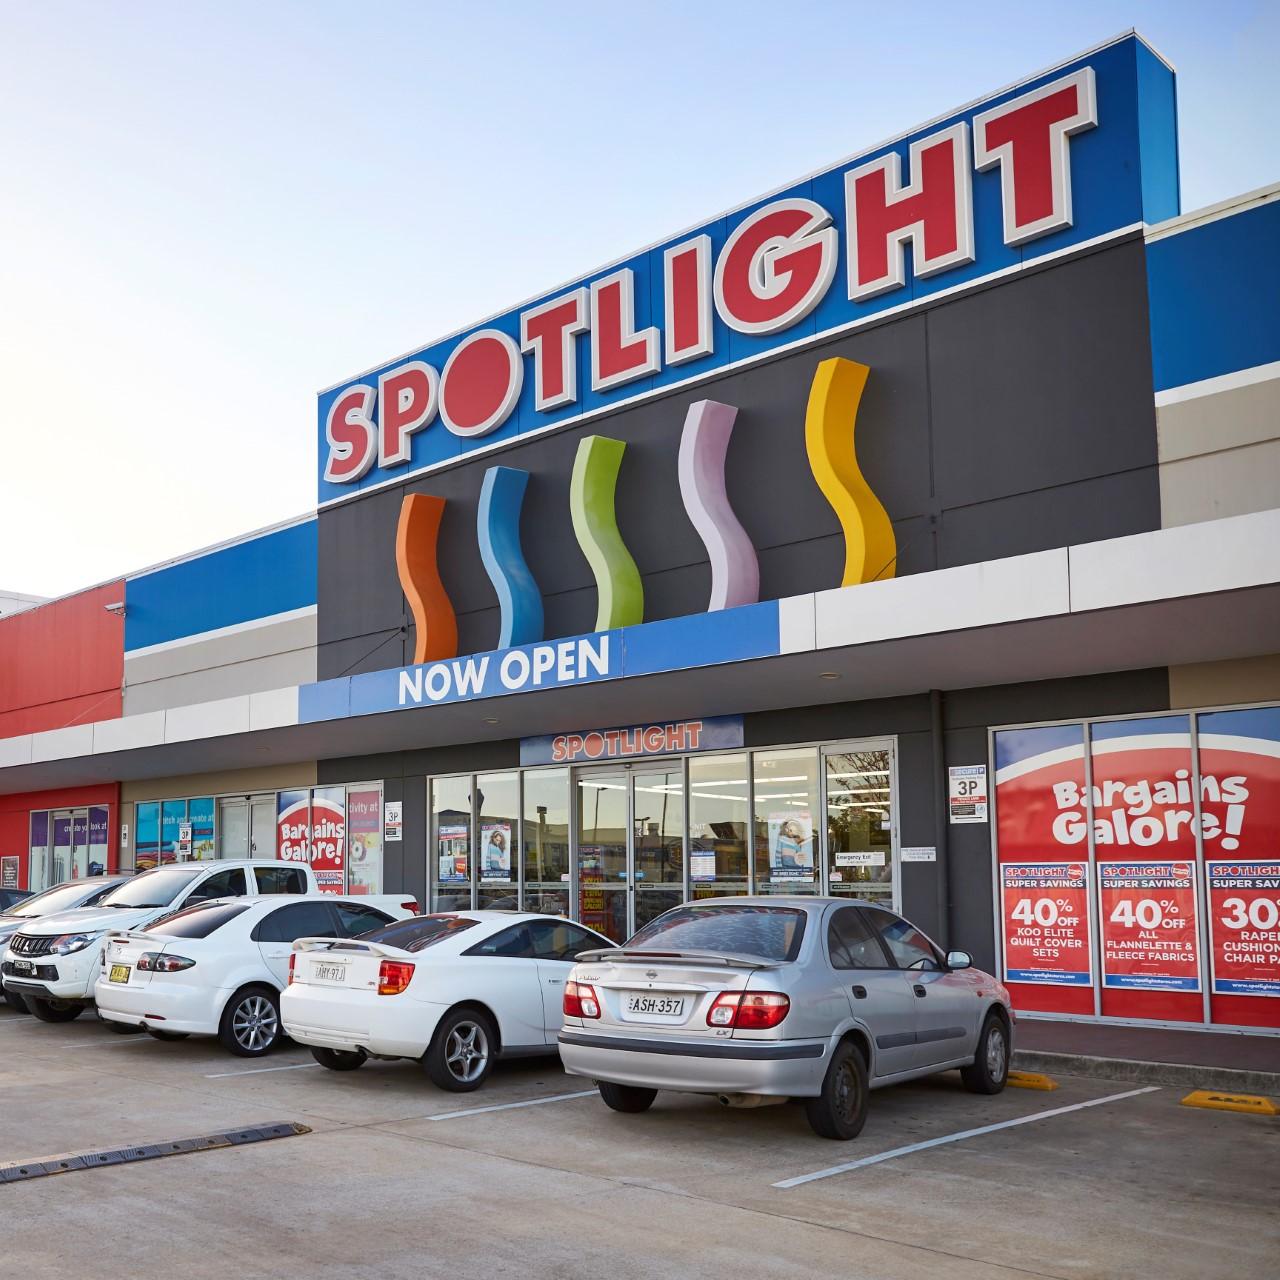 Spotlight store